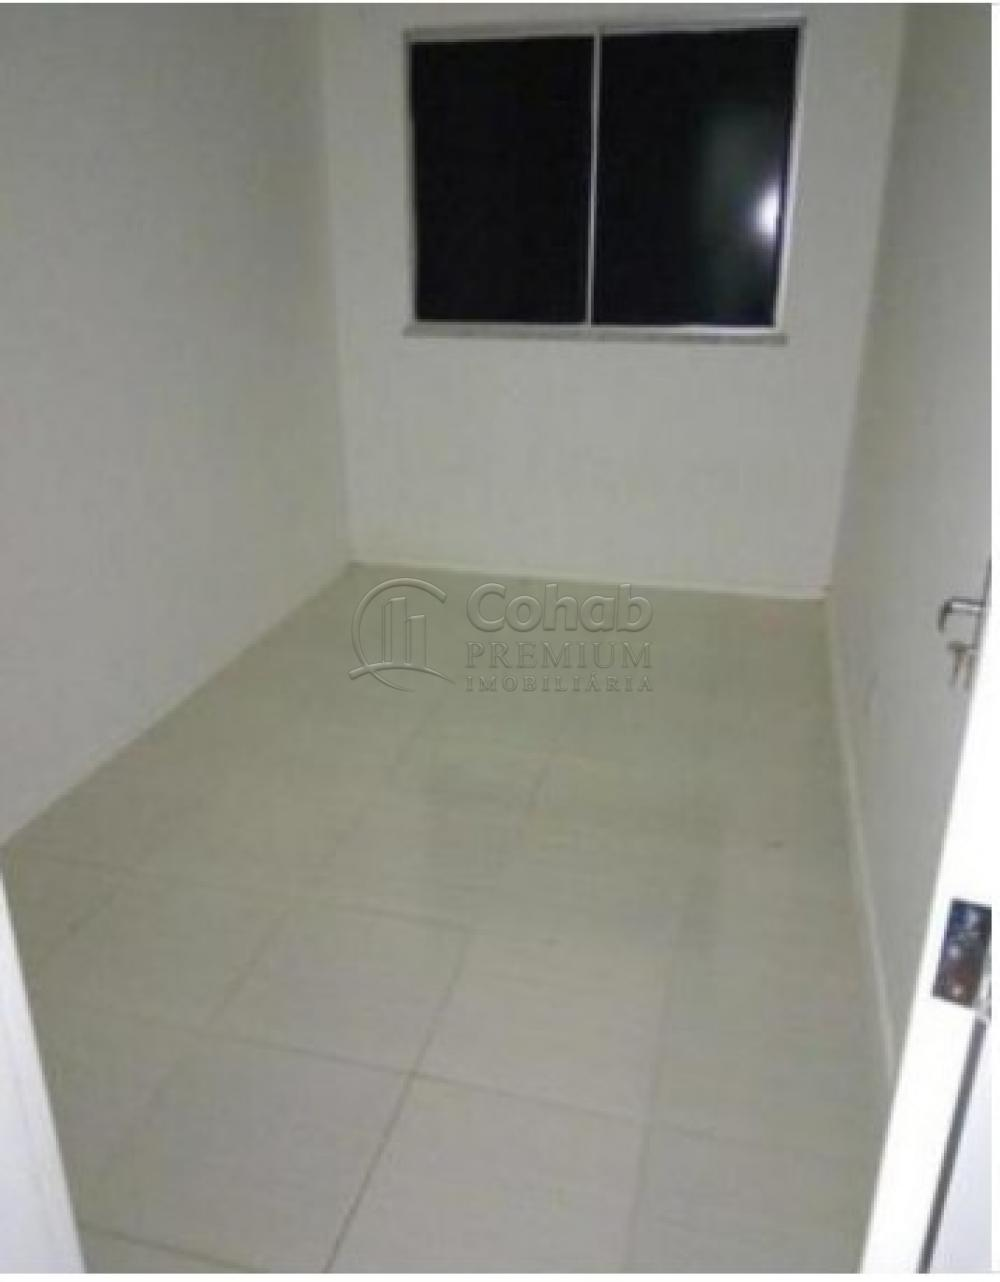 Comprar Apartamento / Padrão em Aracaju apenas R$ 115.000,00 - Foto 4